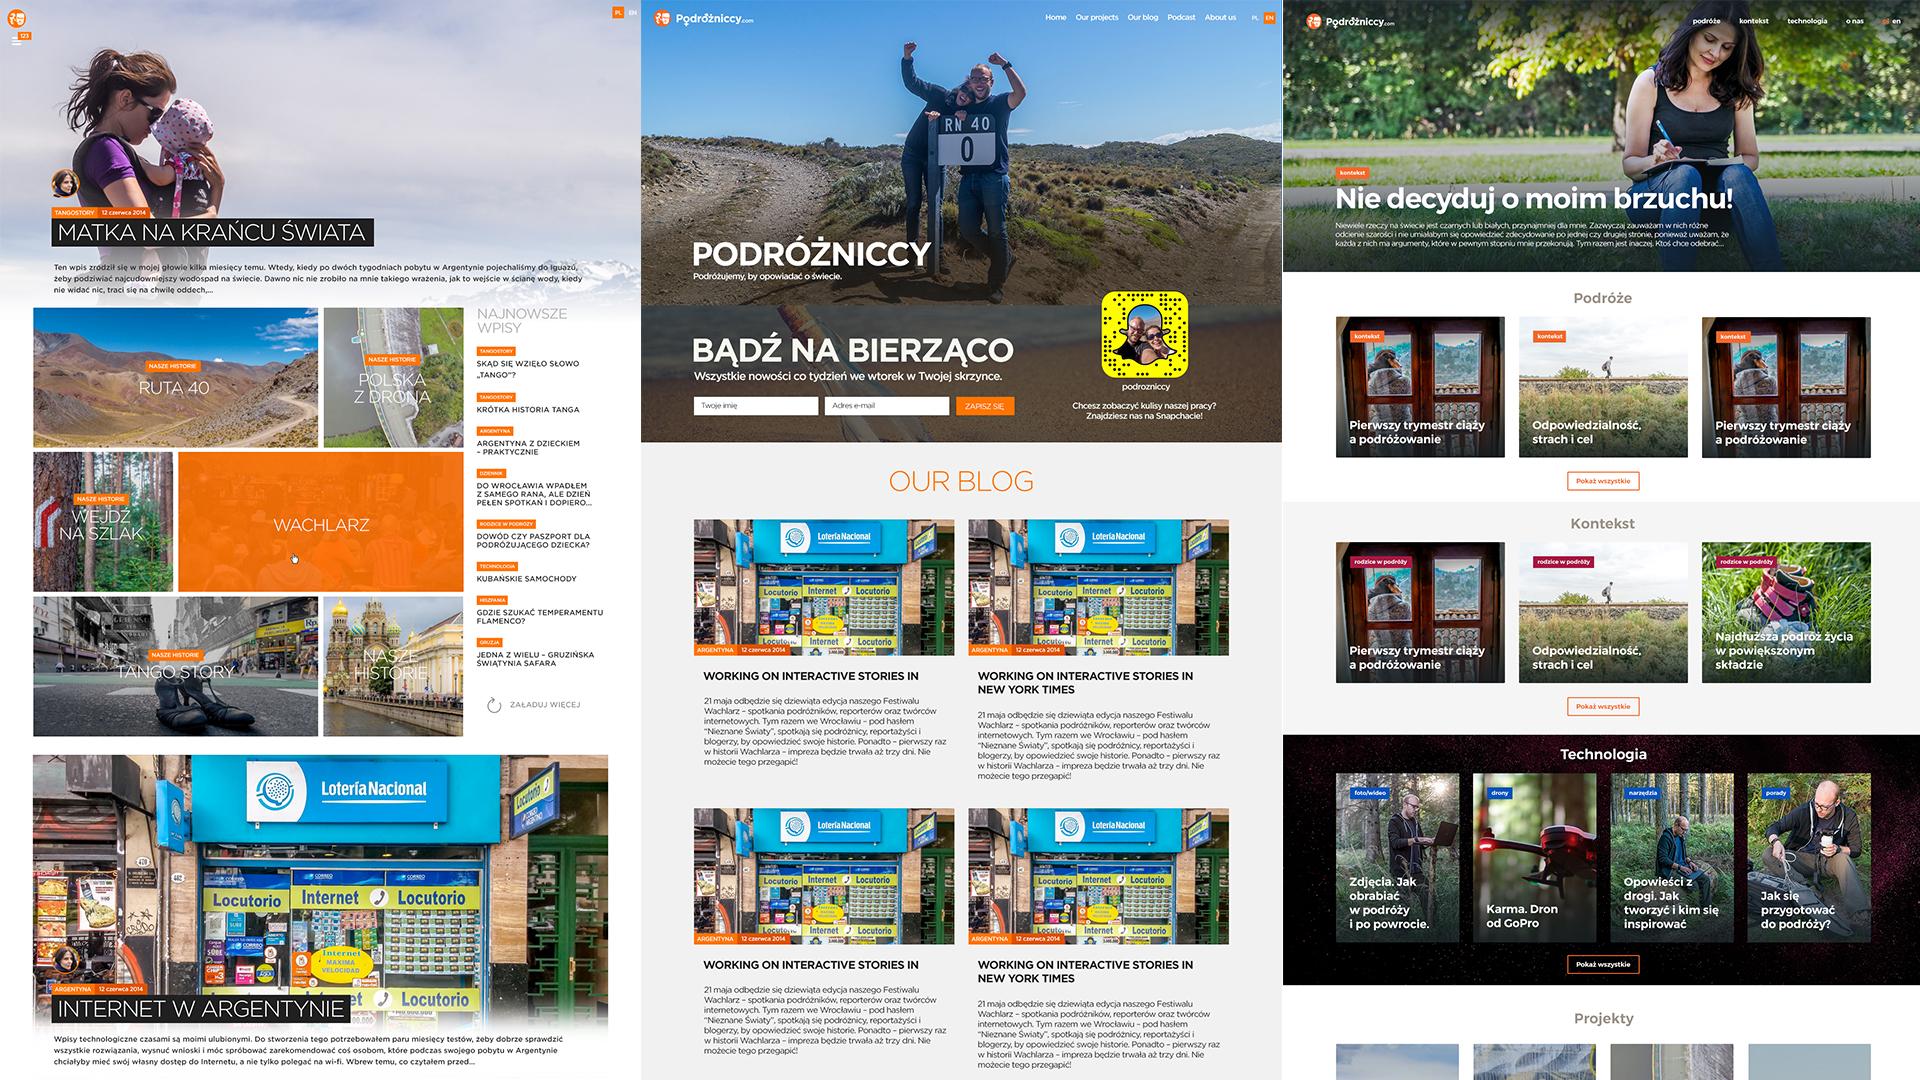 Nowy szablon bloga - Podrozniccy. Historyczne layouty. Zmiany wersji.